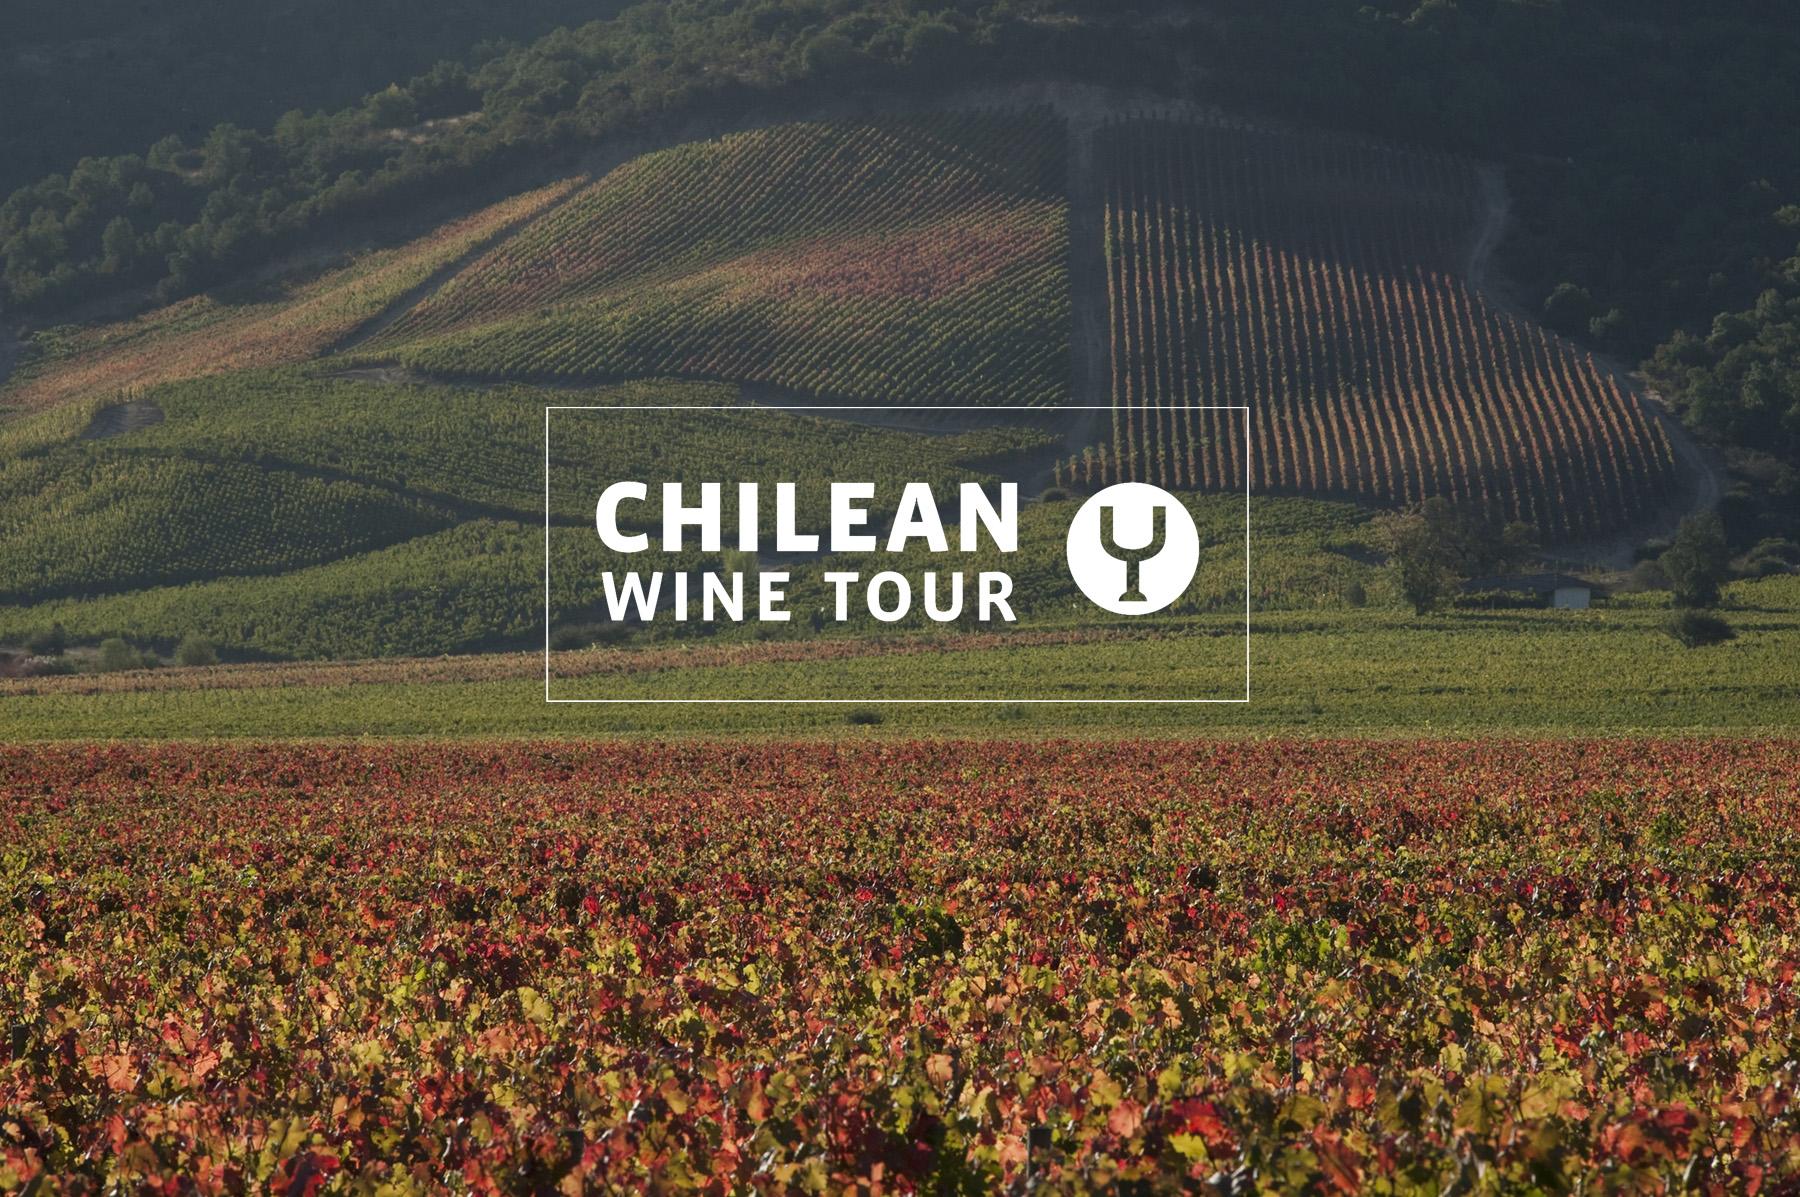 Chilean Wine Tour